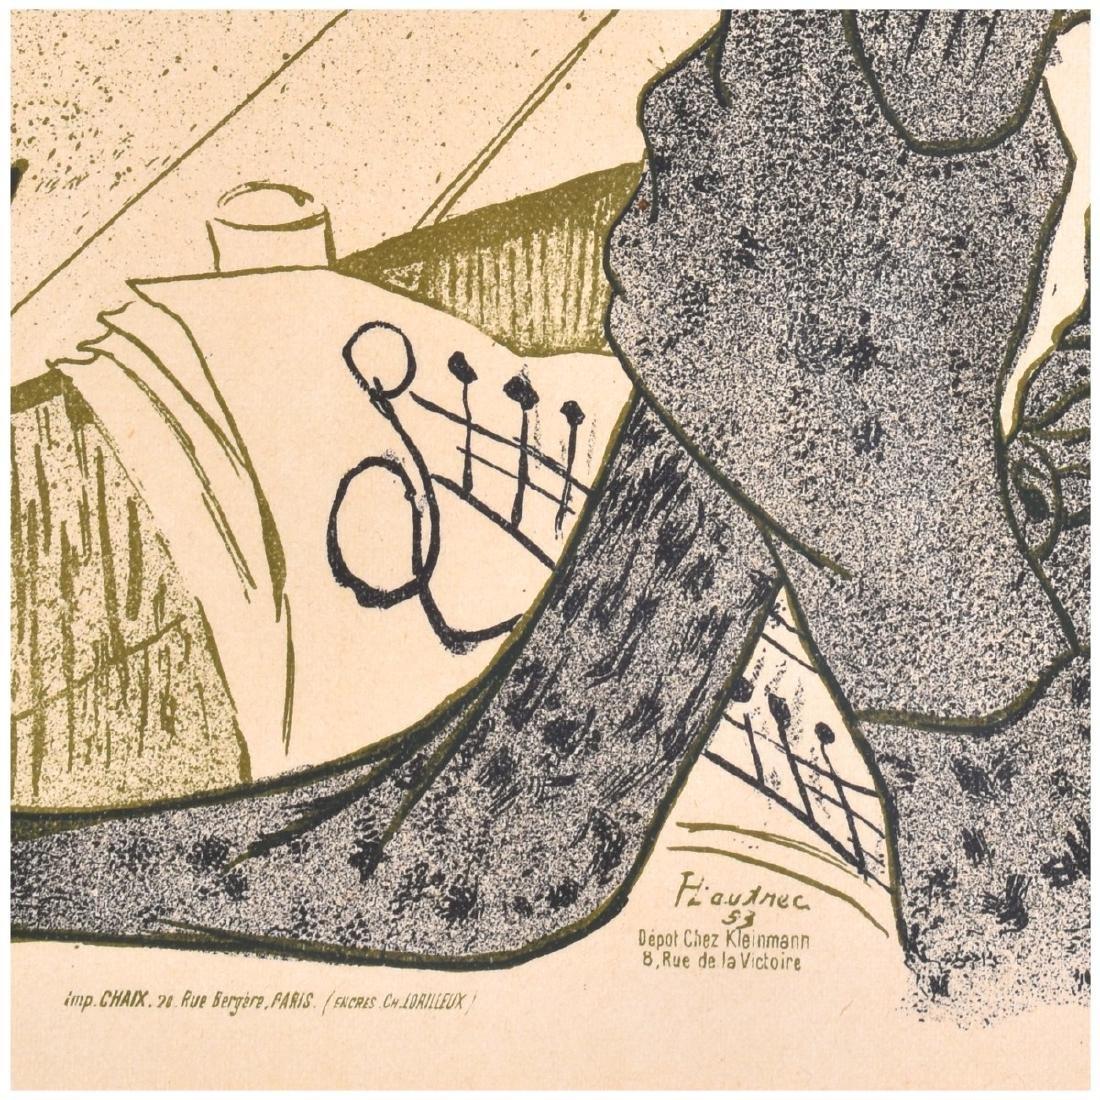 Toulouse-Lautrec (1864 - 1901) Lithograph - 4